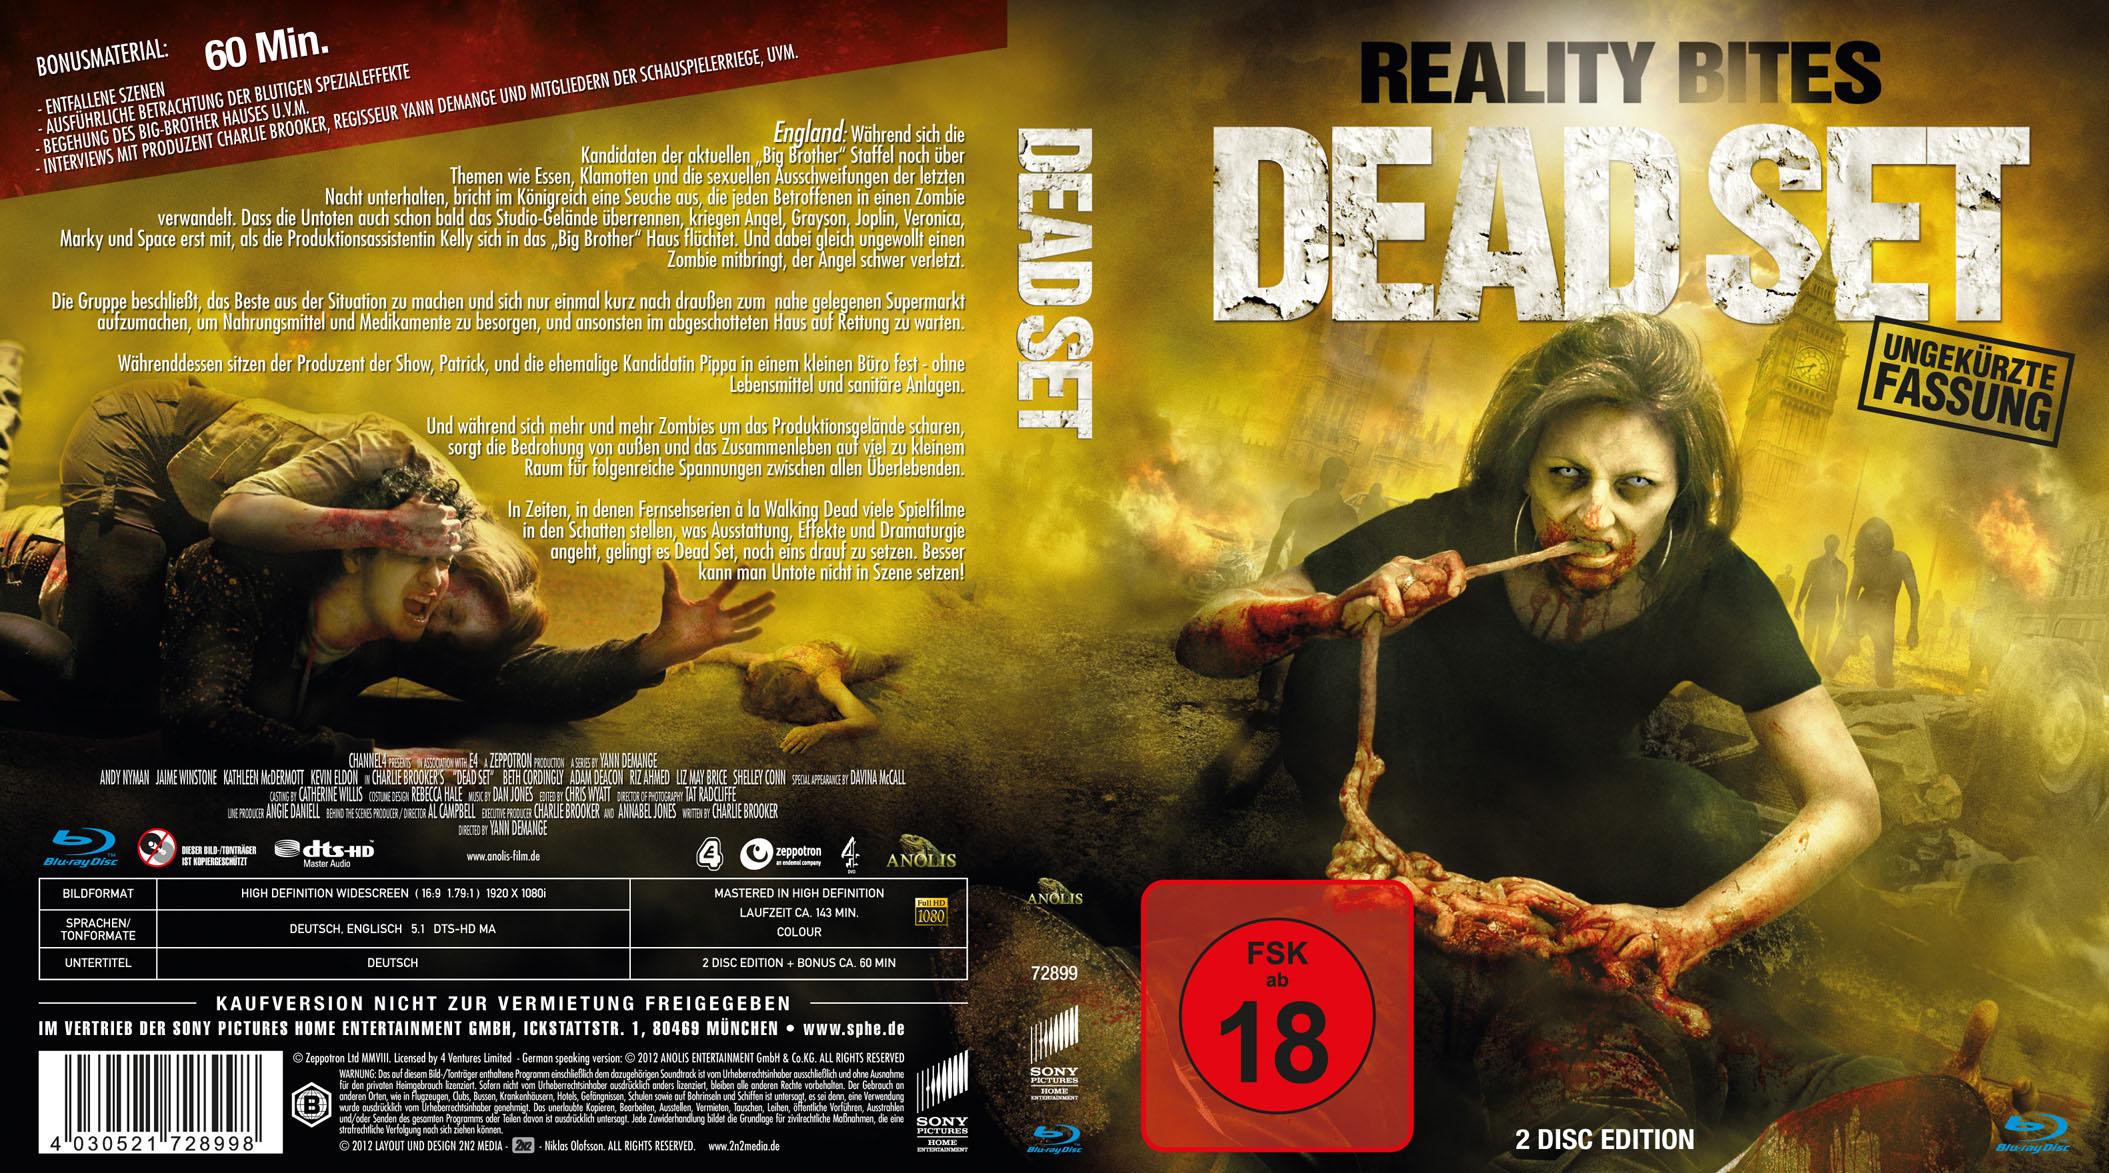 Dead Set - Blu-ray